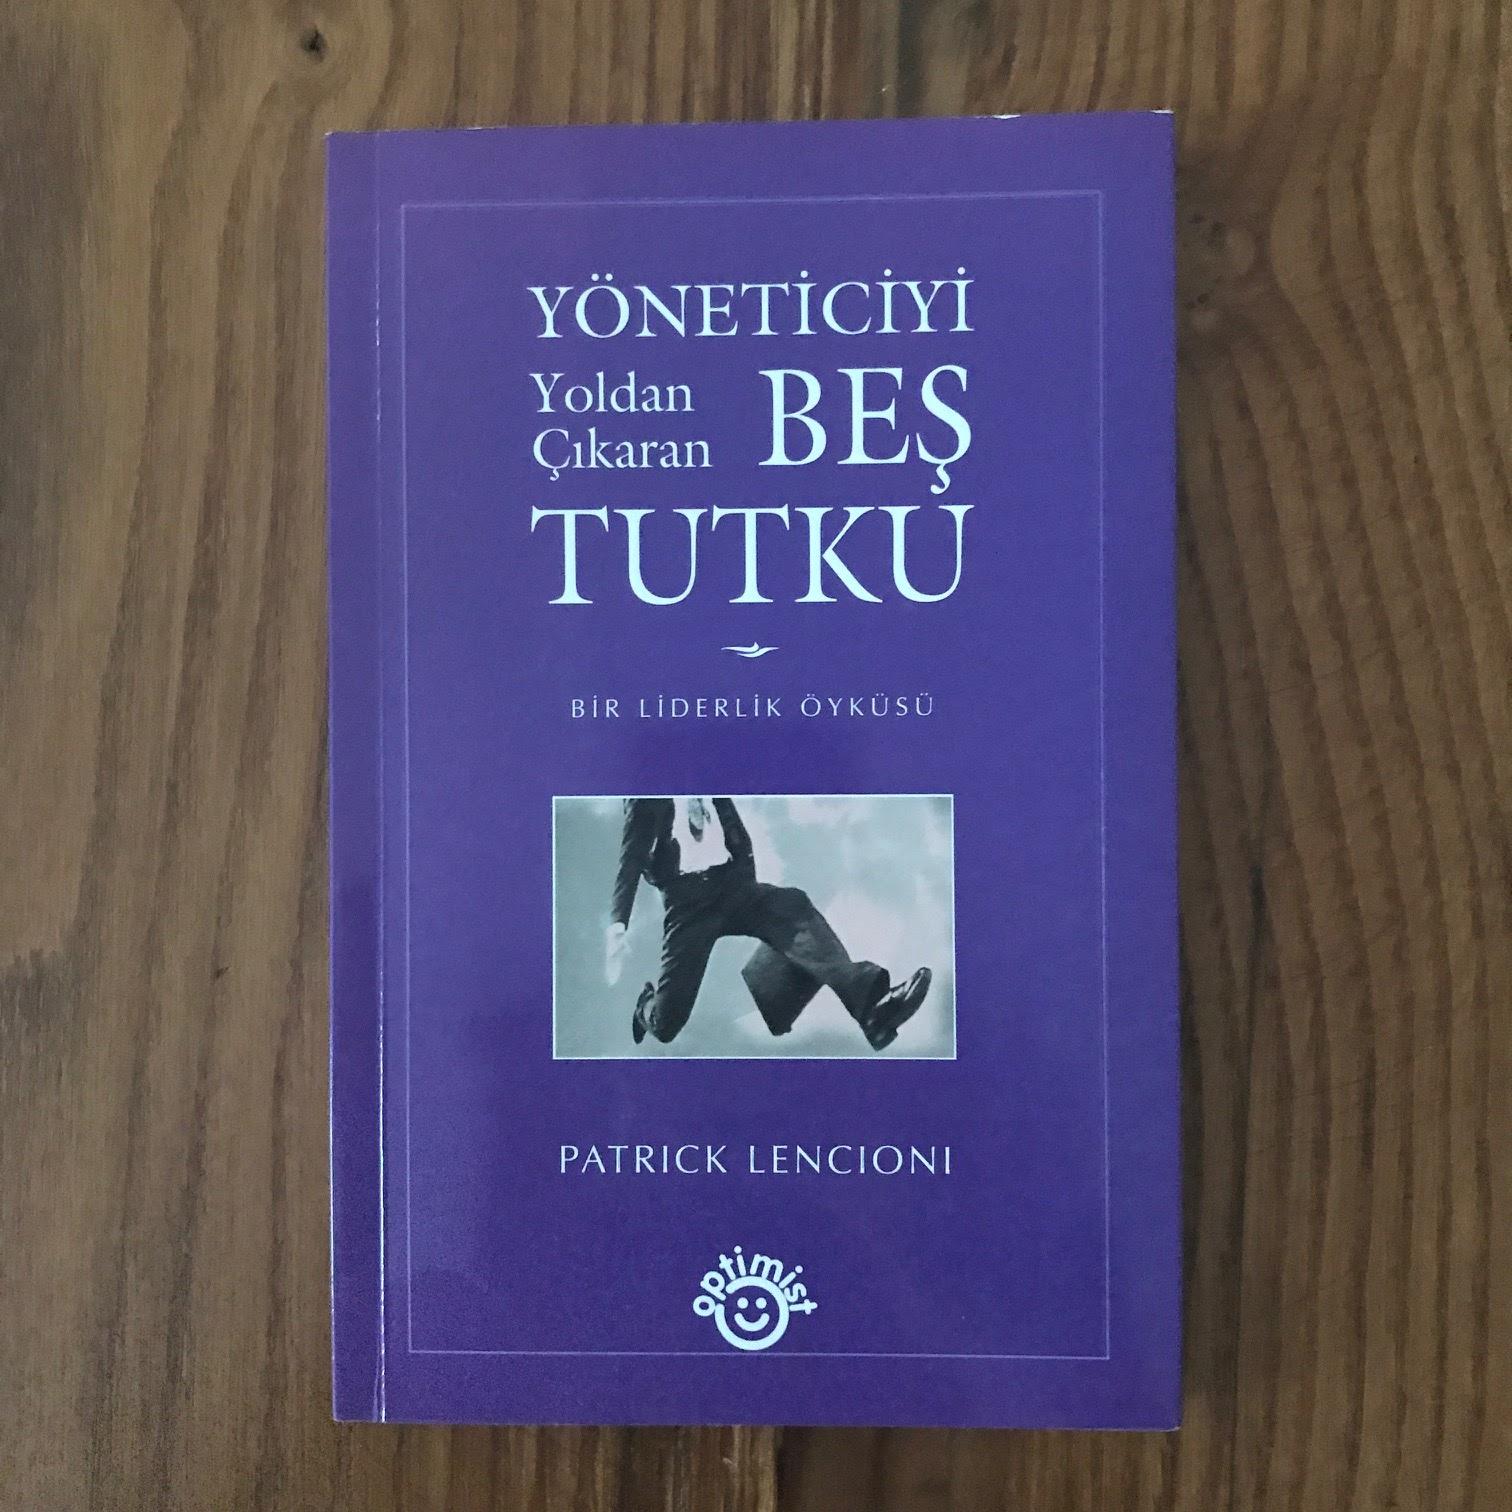 Yoneticiyi Yoldan Cikaran Bes Tutku - Bir Liderlik Oykusu (Kitap)